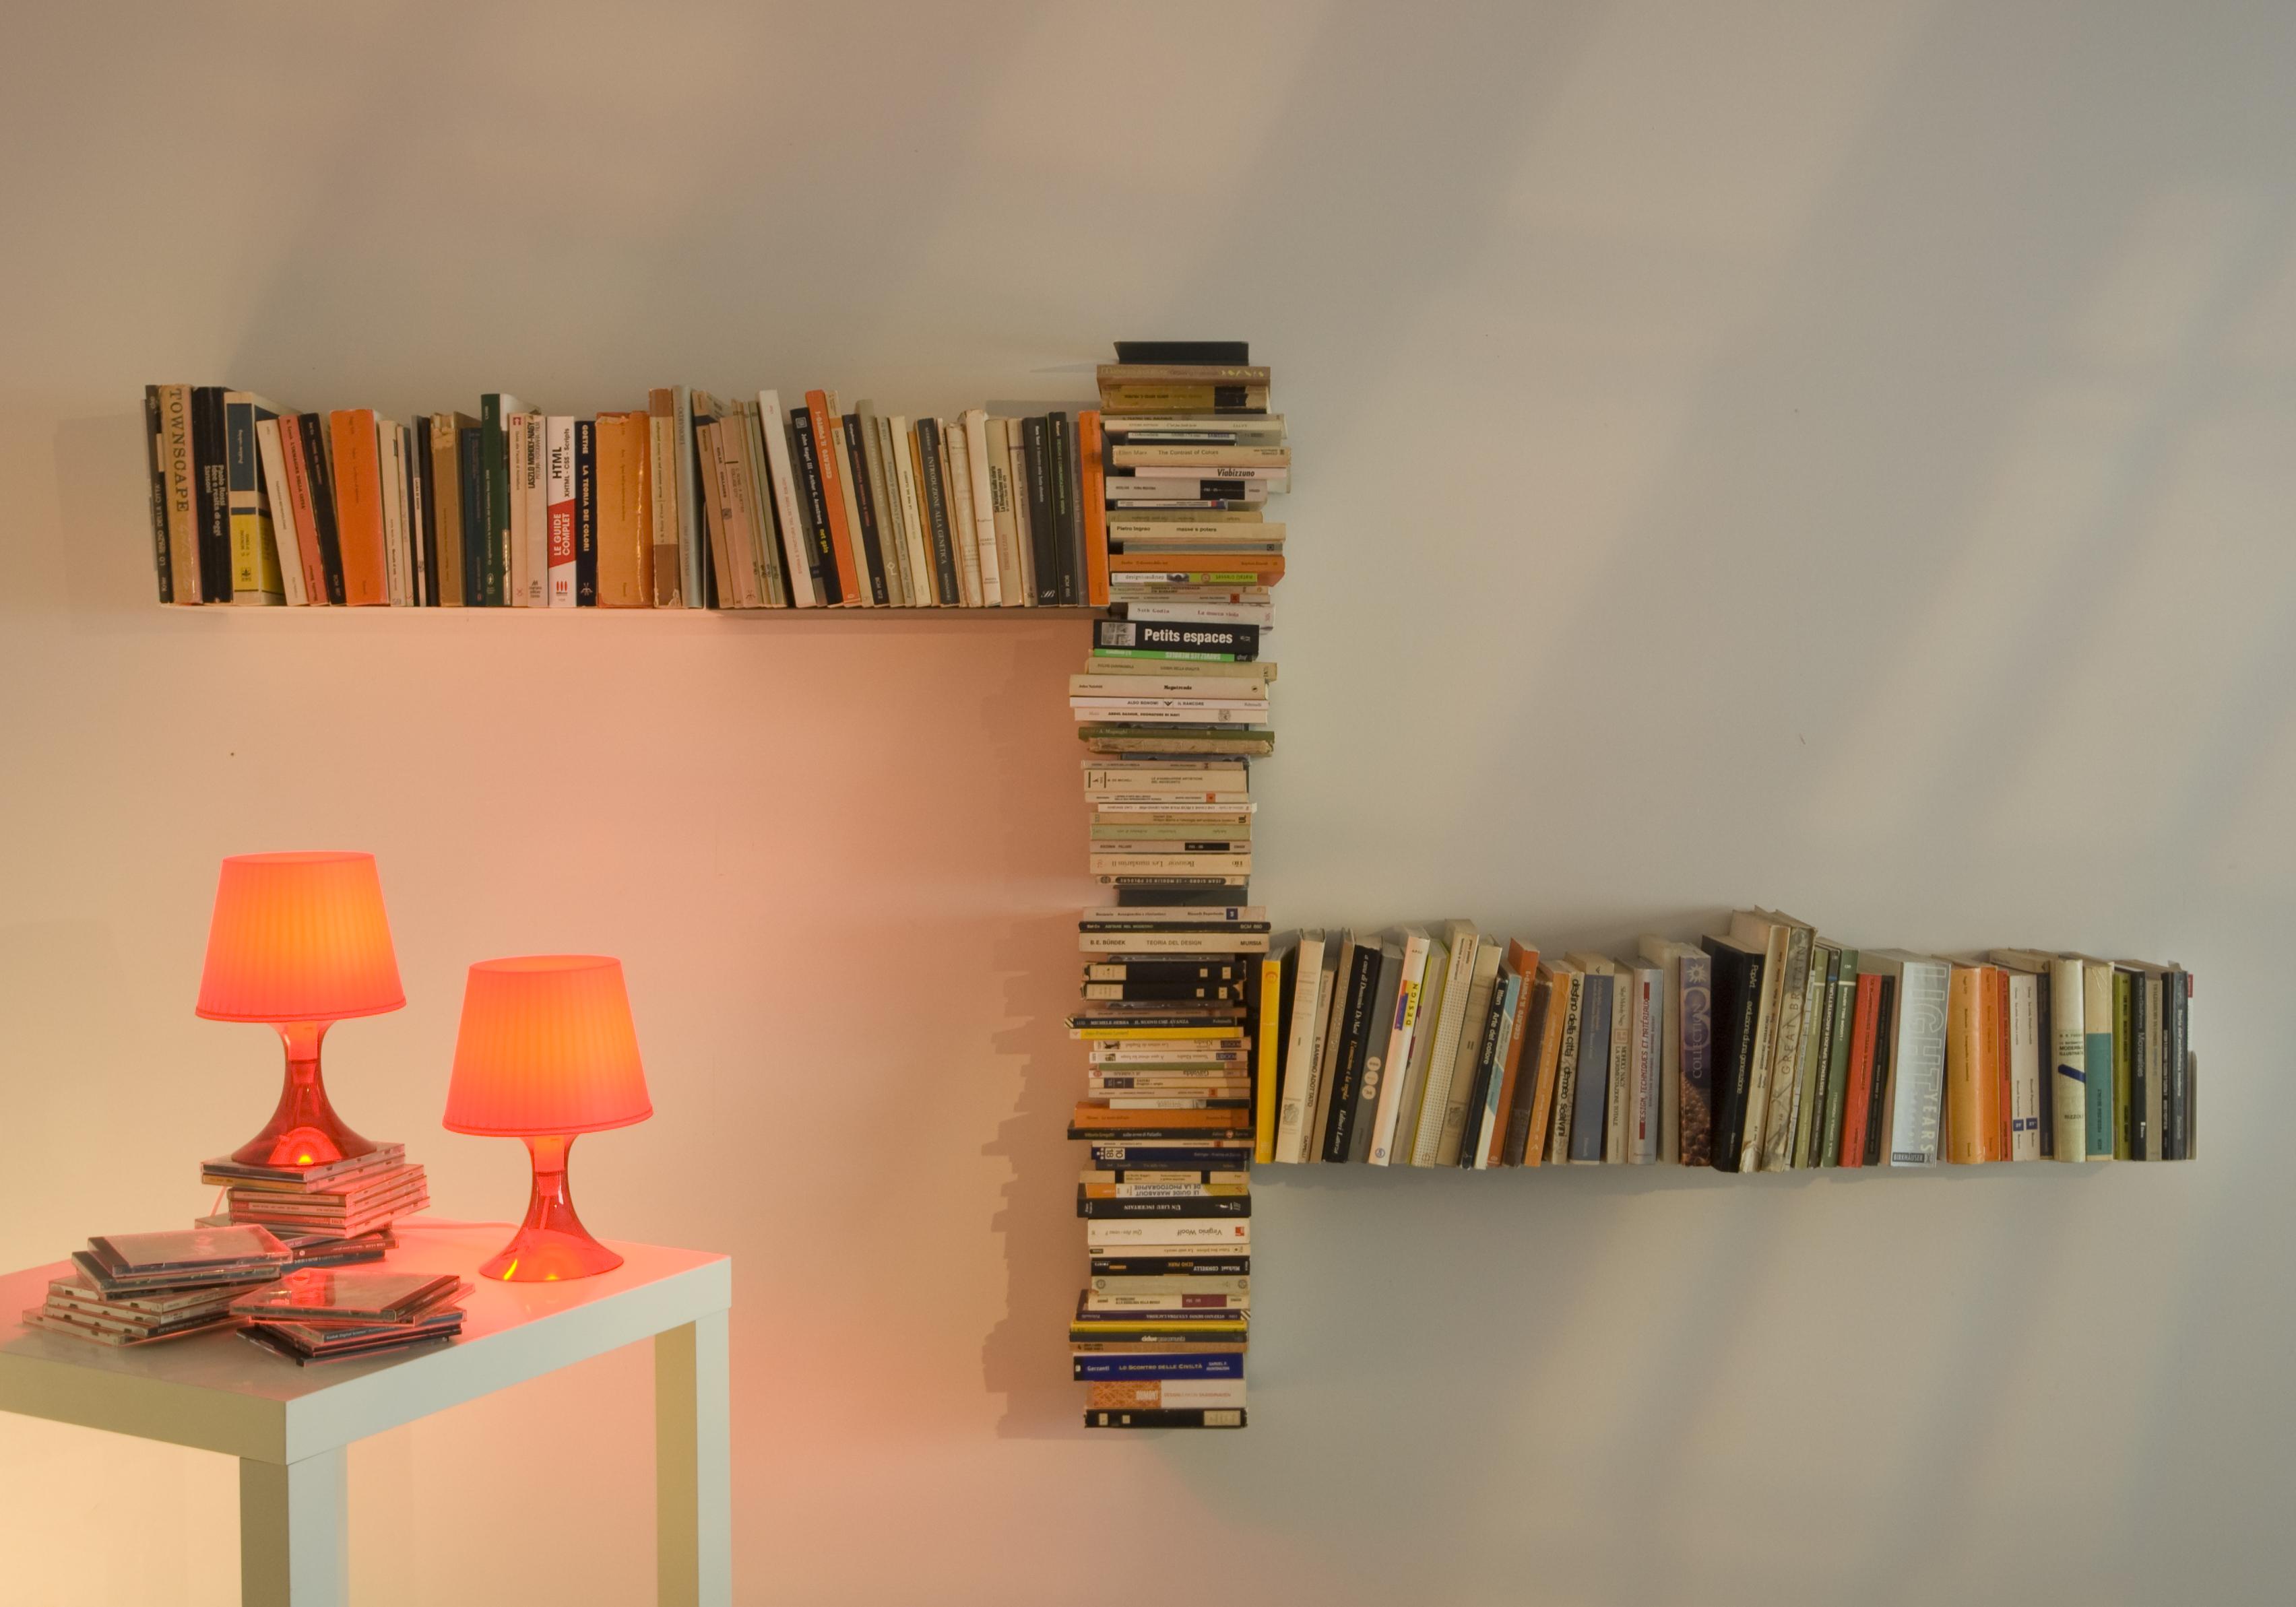 Teebooks - невидимые книжные полки / surfingbird - мы делаем.